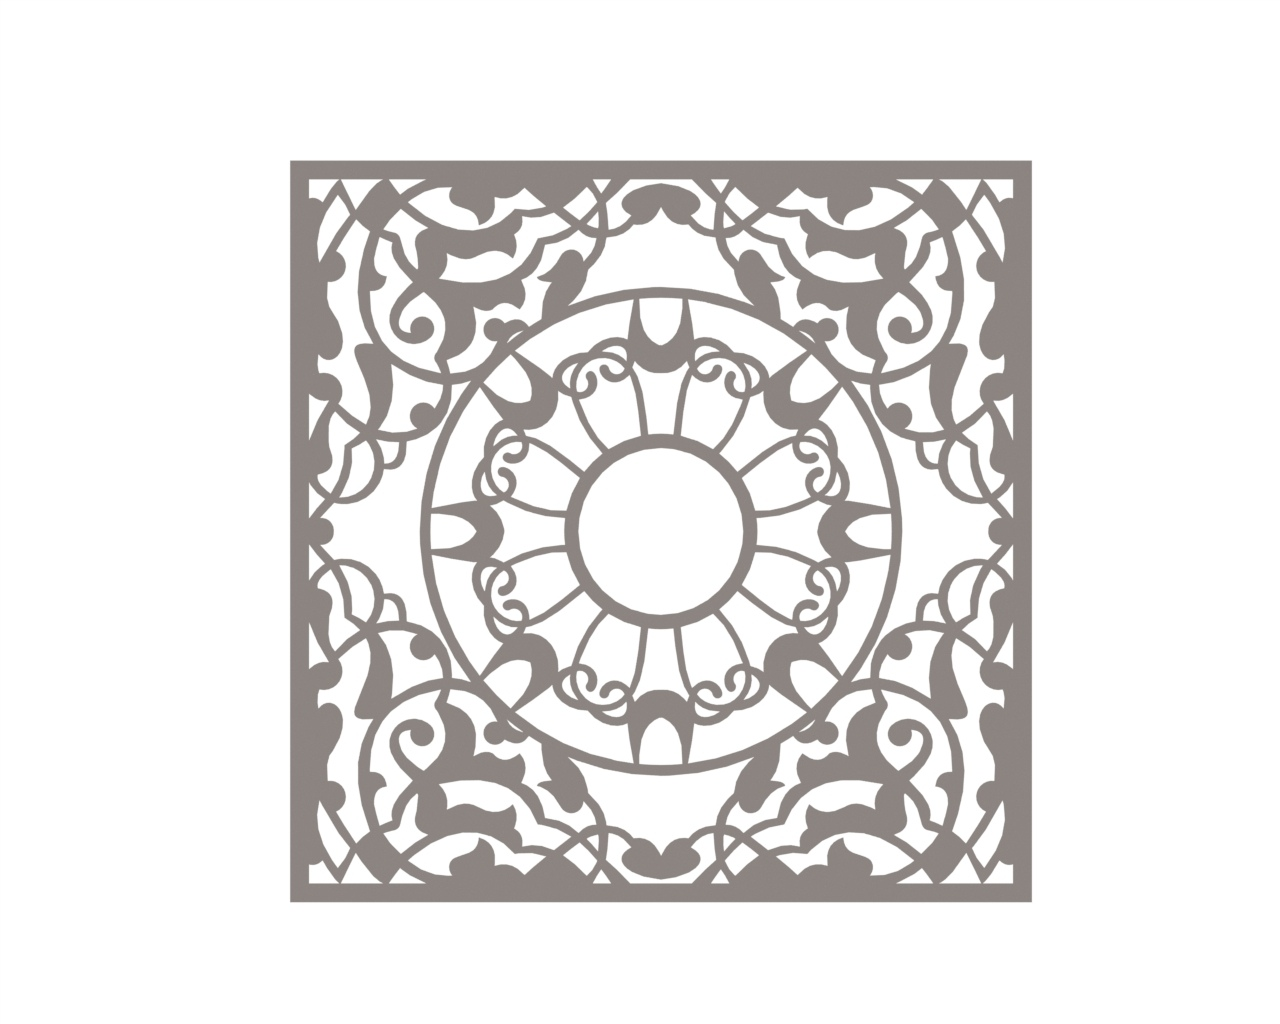 Mandala Square Ornament Free DXF File